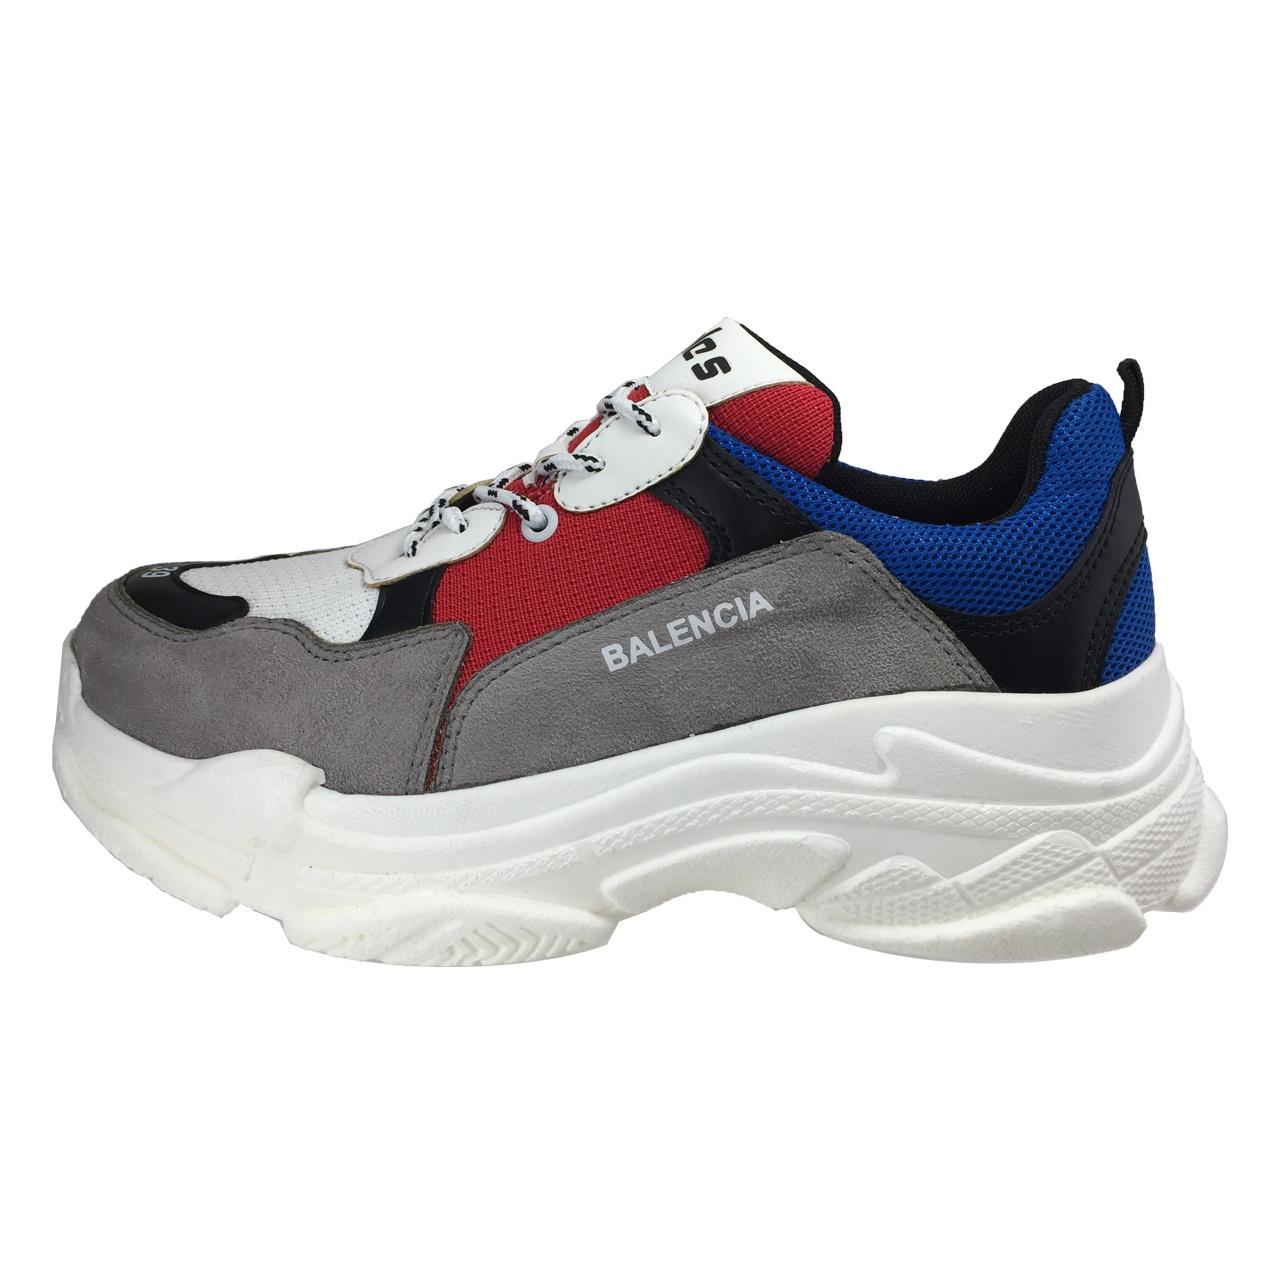 کفش زنانه بالنسیا مدل B82 رنگ طوسی